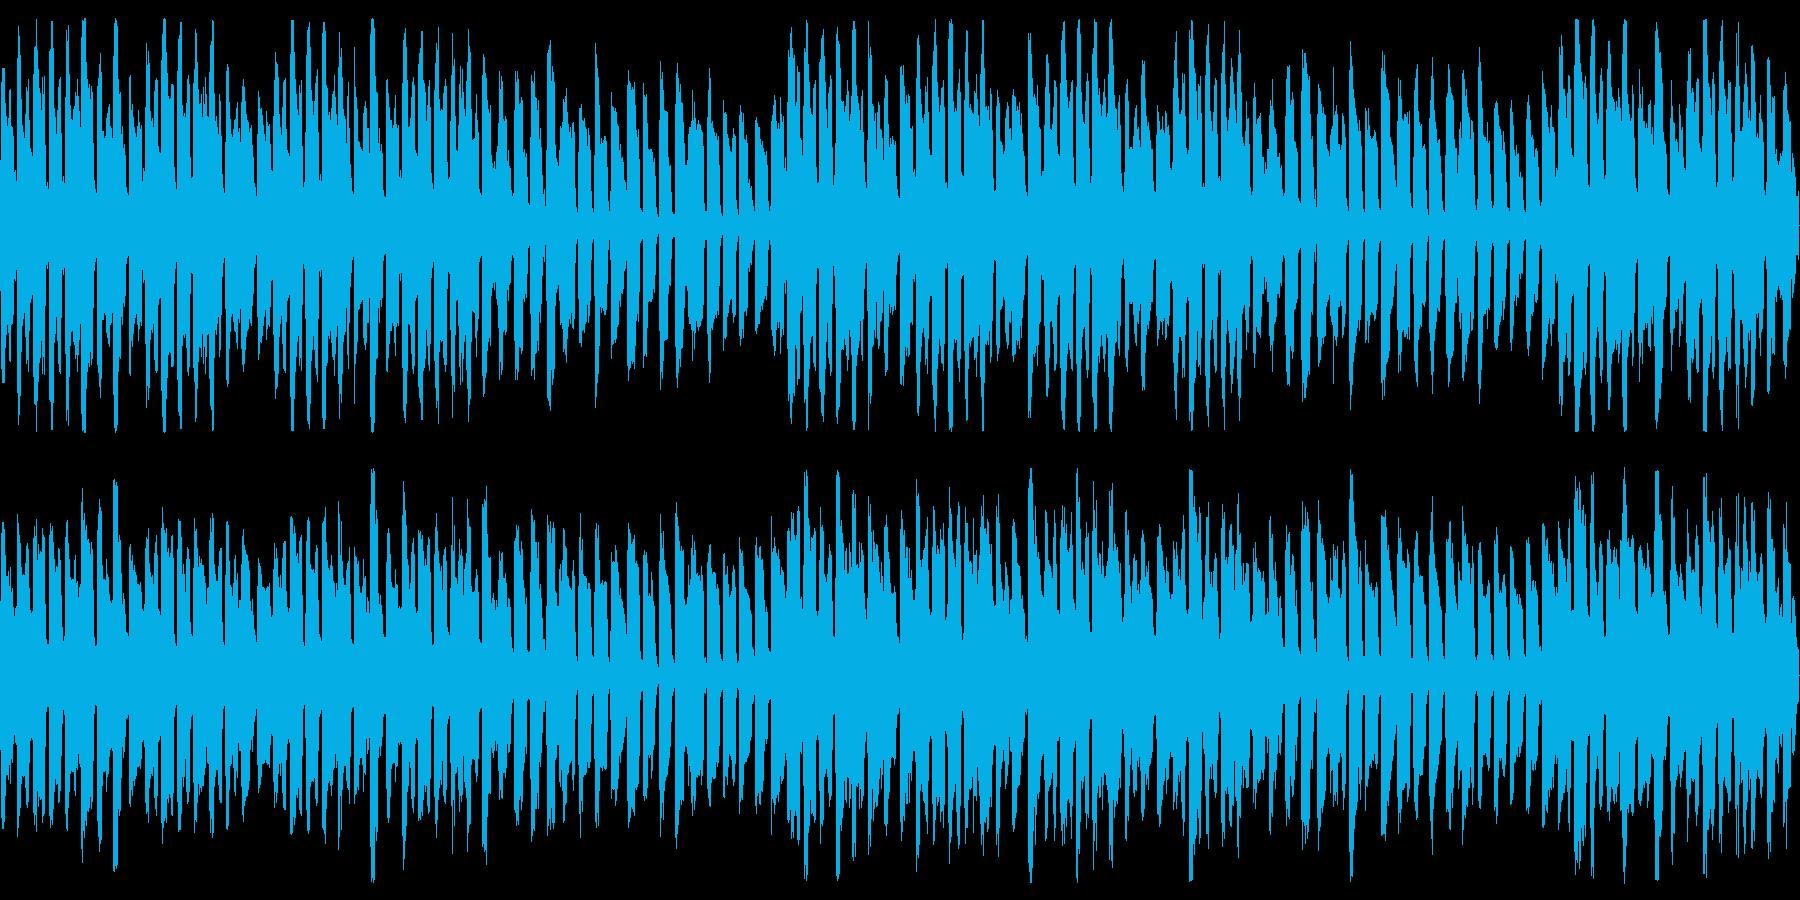 【ドラム抜き】スロットガチャやカジノに…の再生済みの波形